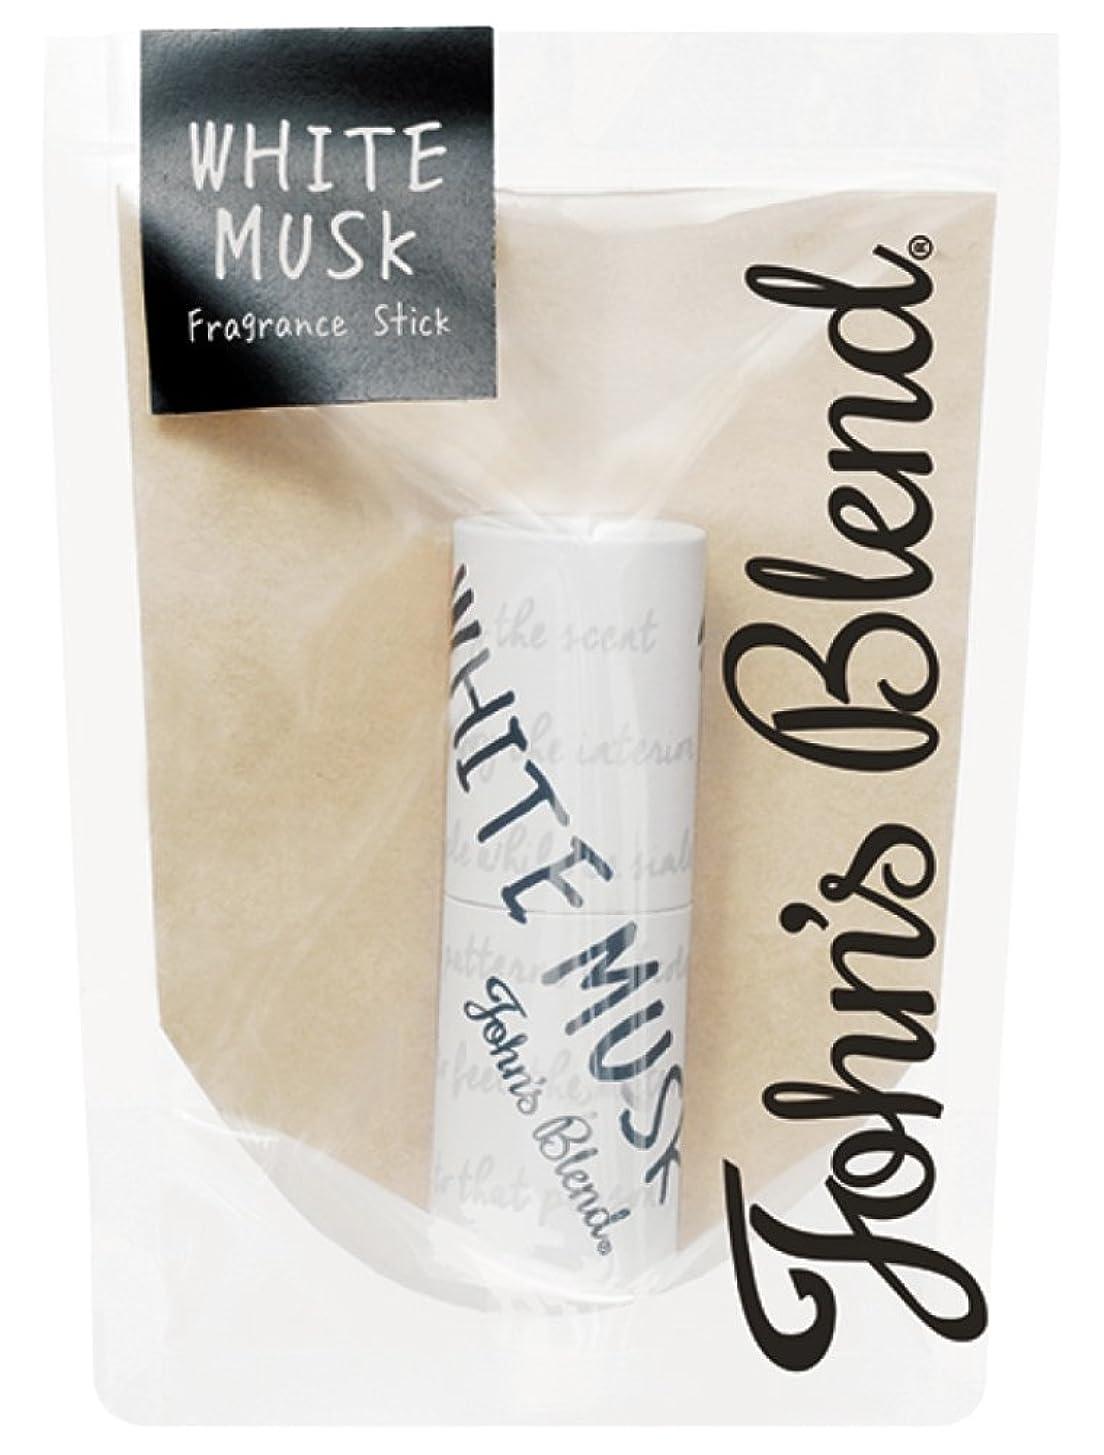 自分のためにリフレッシュ白菜ノルコーポレーション John's Blend 練り香水 フレグランススティック OZ-JOD-3-1 ホワイトムスクの香り 3.5g